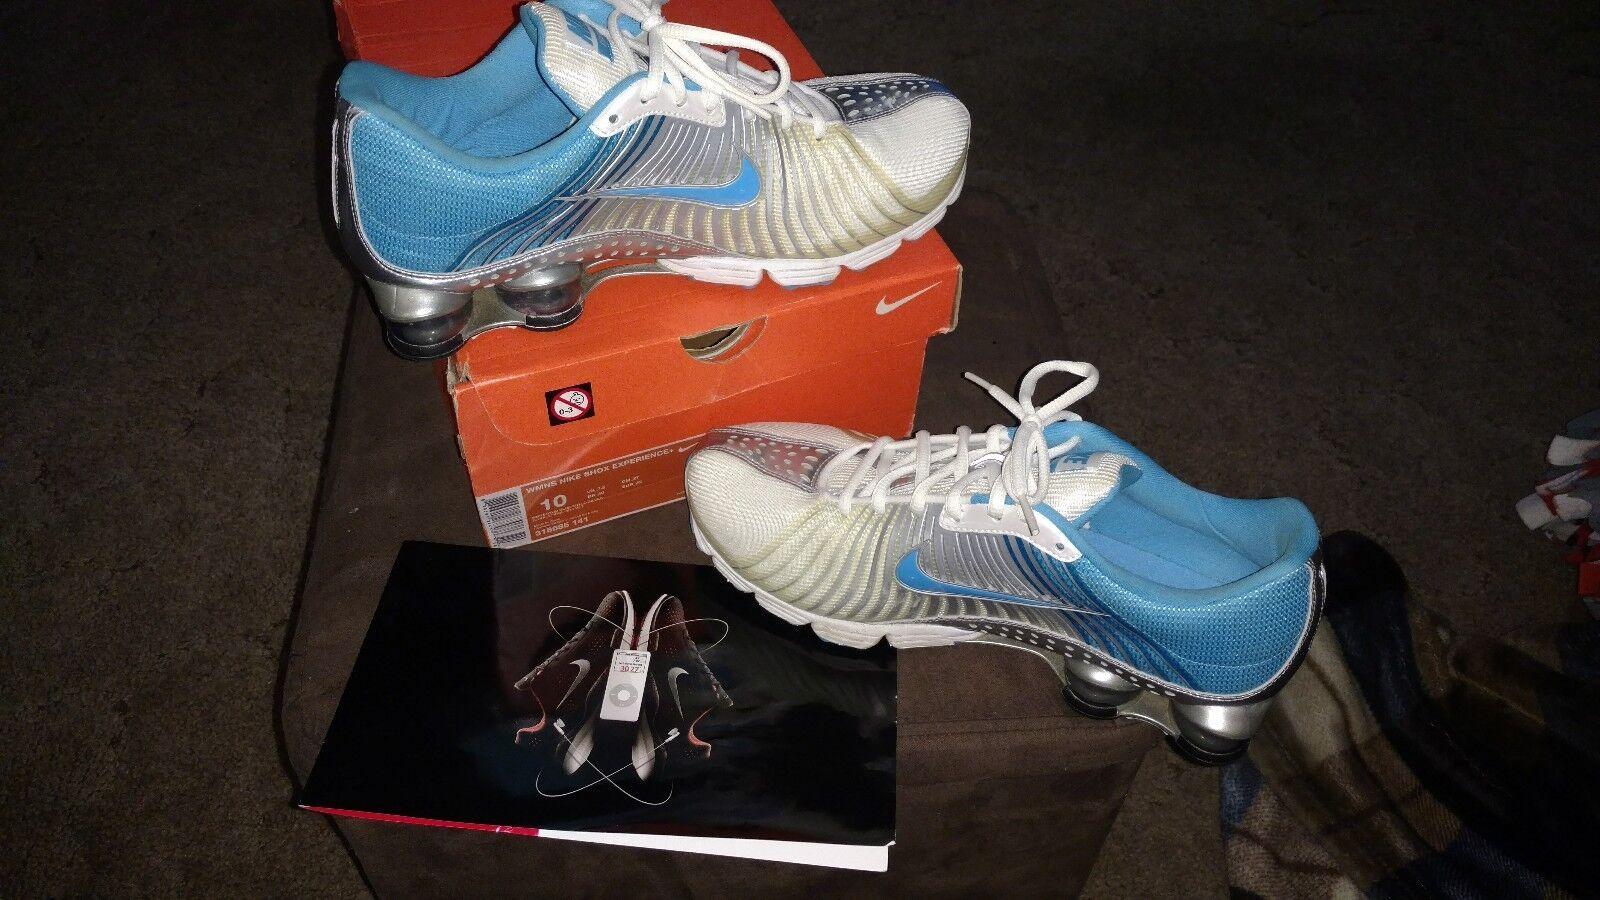 Women's Nike SHOX HTF vivid bluee silver white sz 10 RARE  WORN 1X W BOX